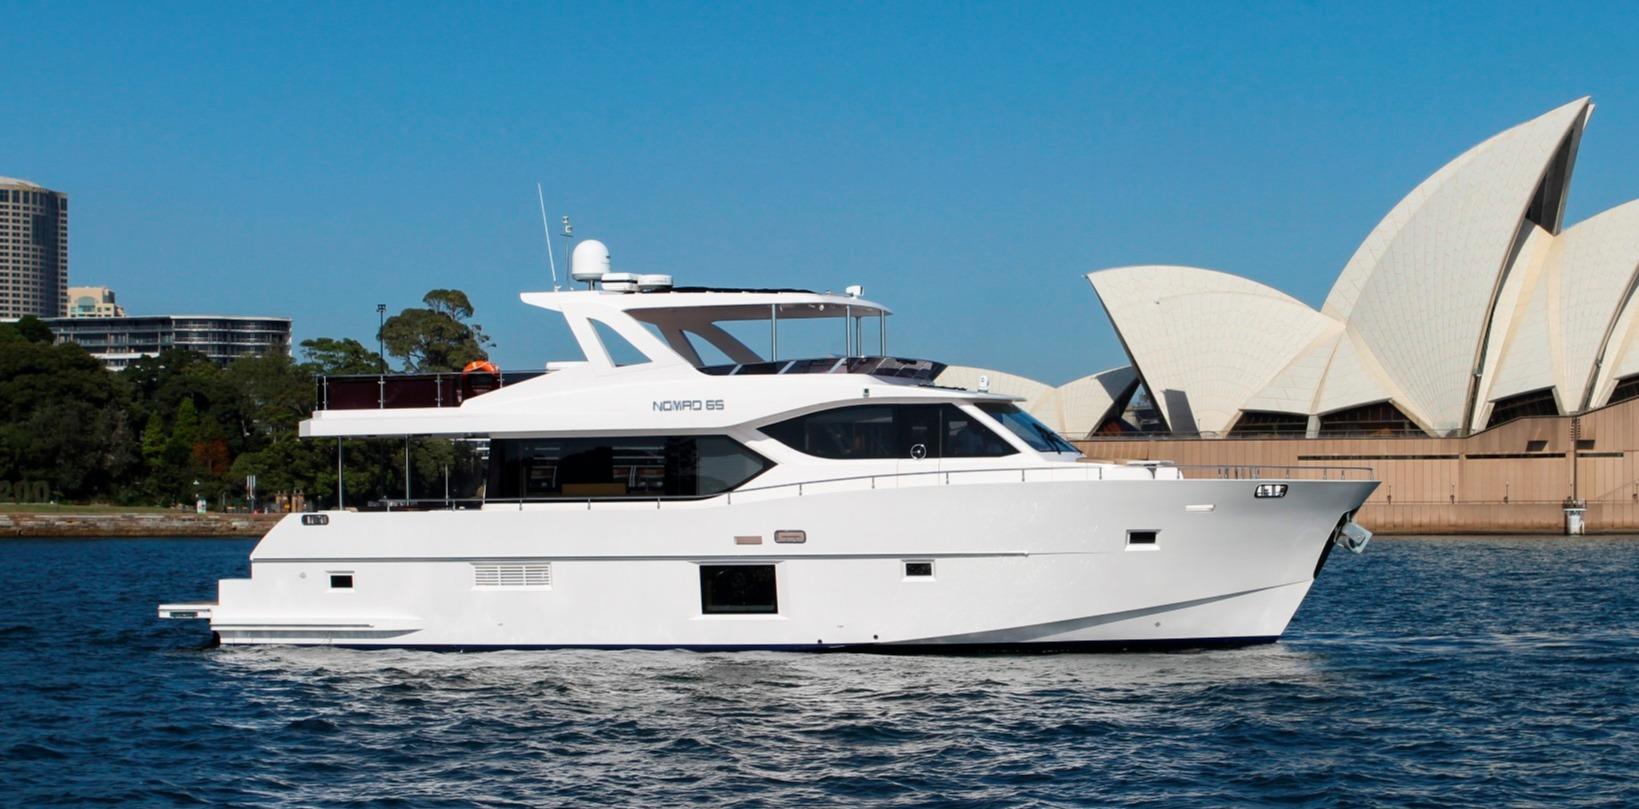 Nomad 65 at Sydney, Australia 002